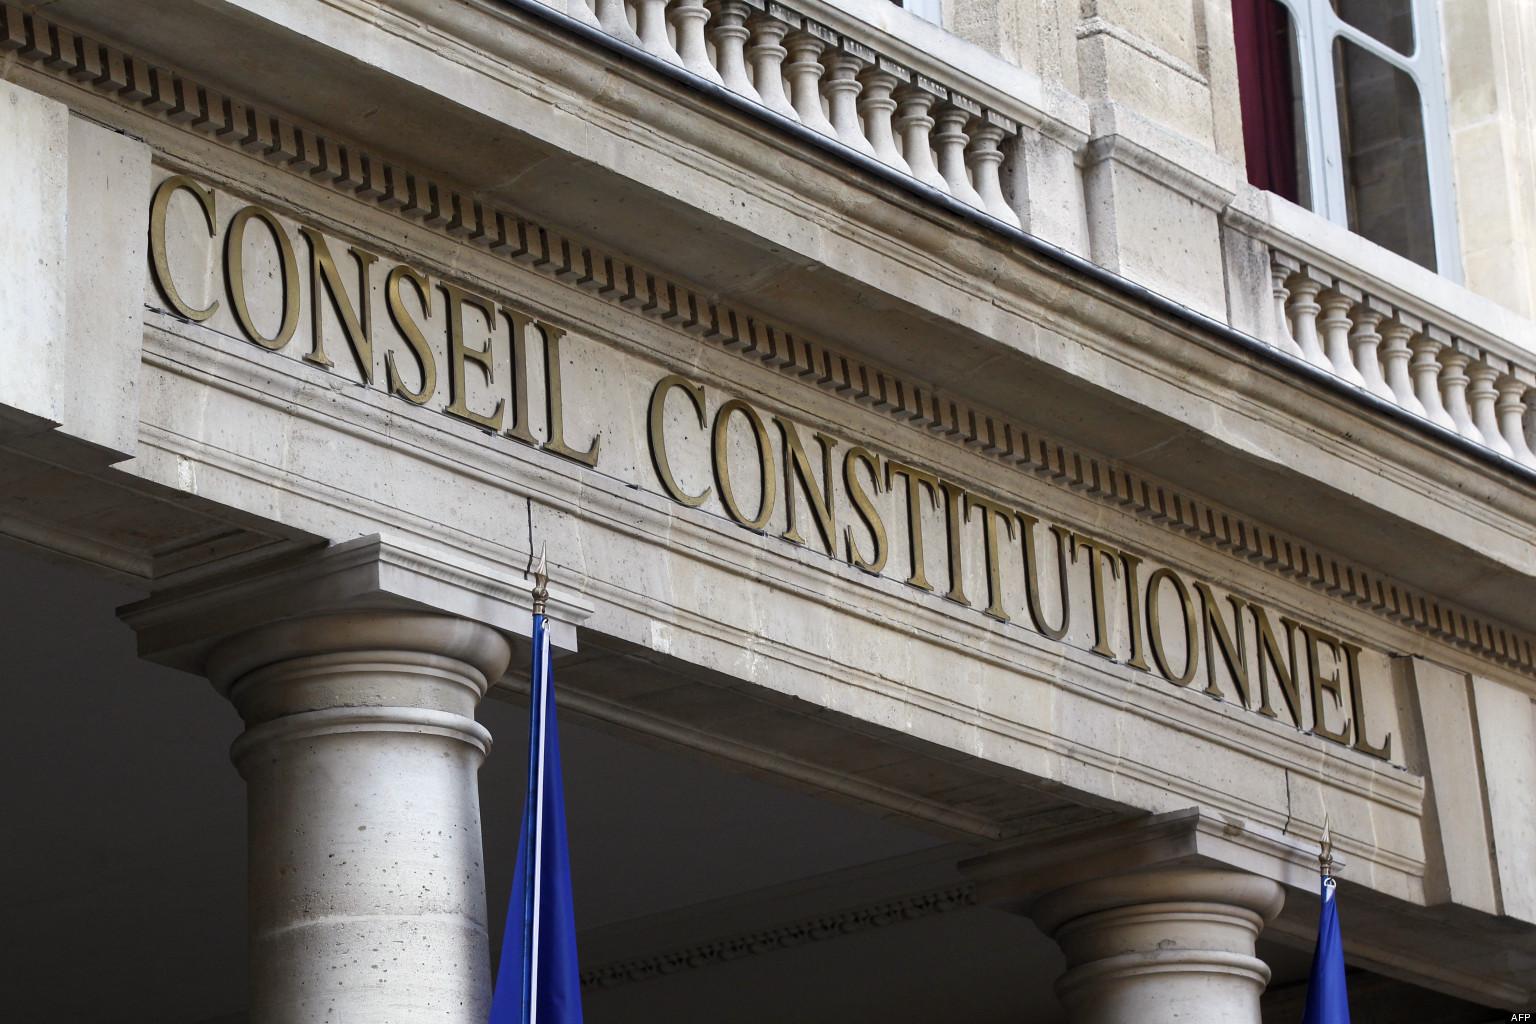 La nullité d'une cession réalisée en méconnaissance du droit d'information des salariés déclarée inconstitutionnelle